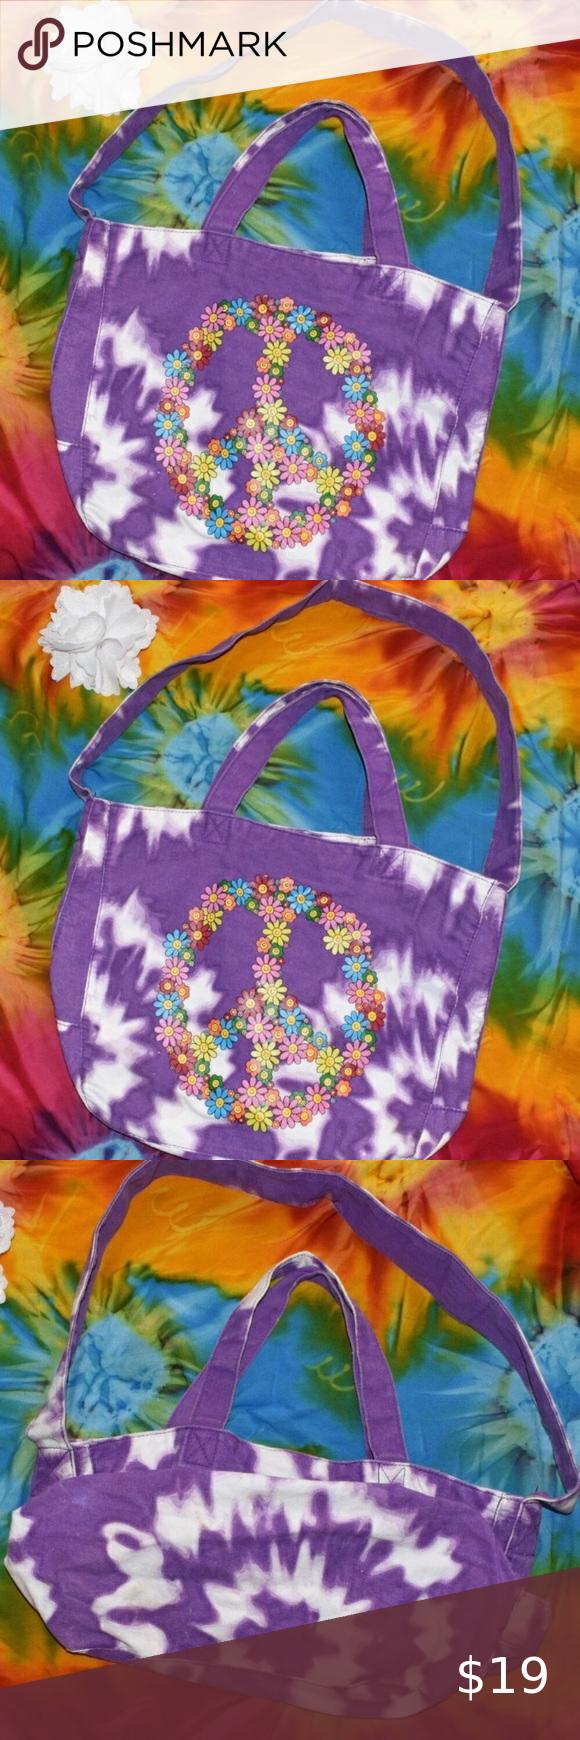 Floral canvas tie dye pouch